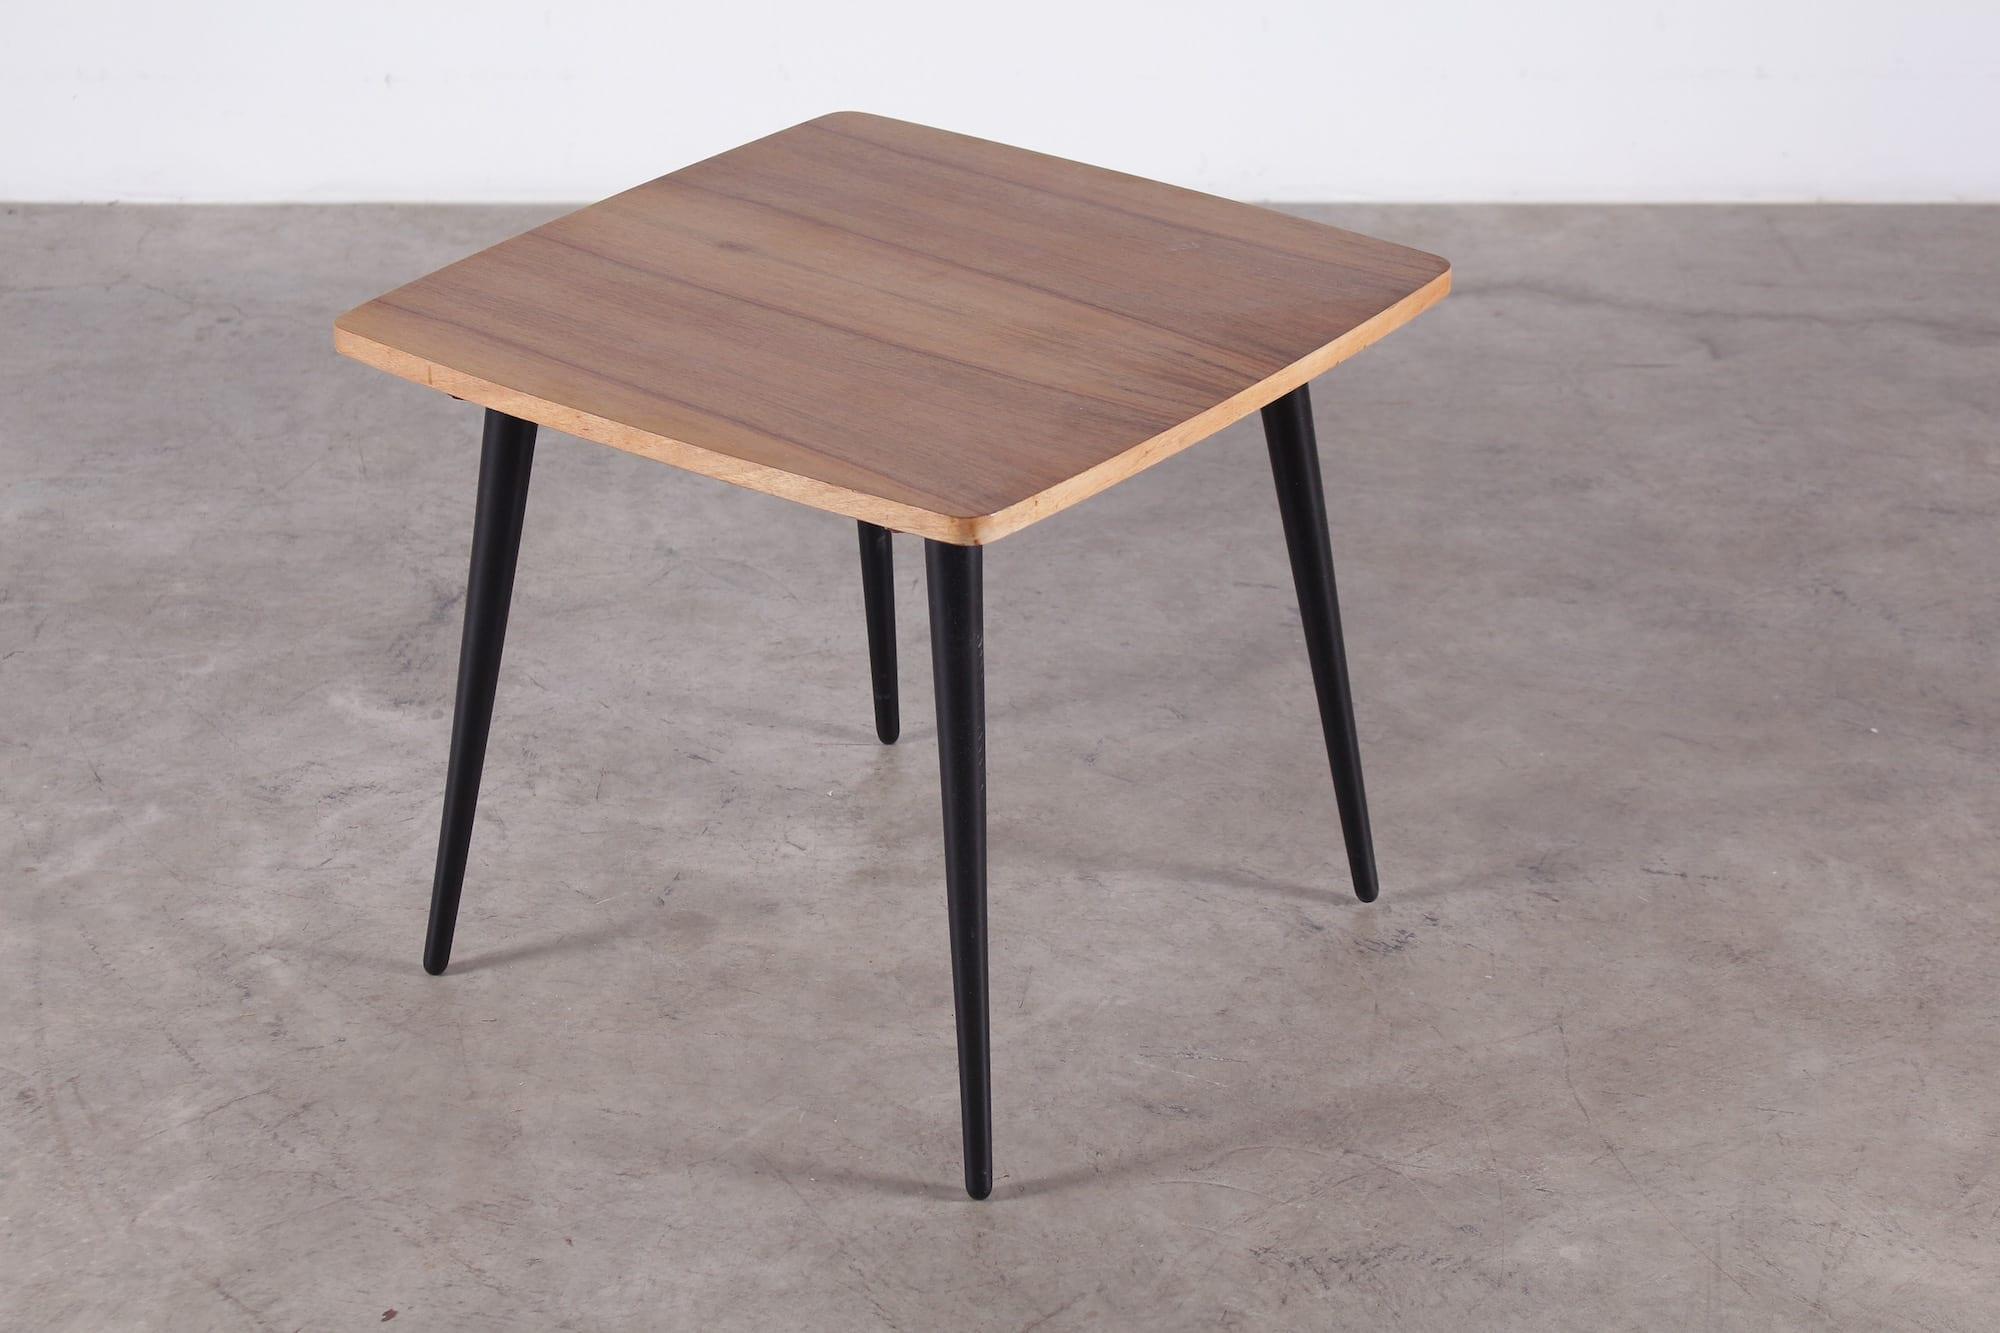 table basse ann es 50 meubles vintage li ge. Black Bedroom Furniture Sets. Home Design Ideas